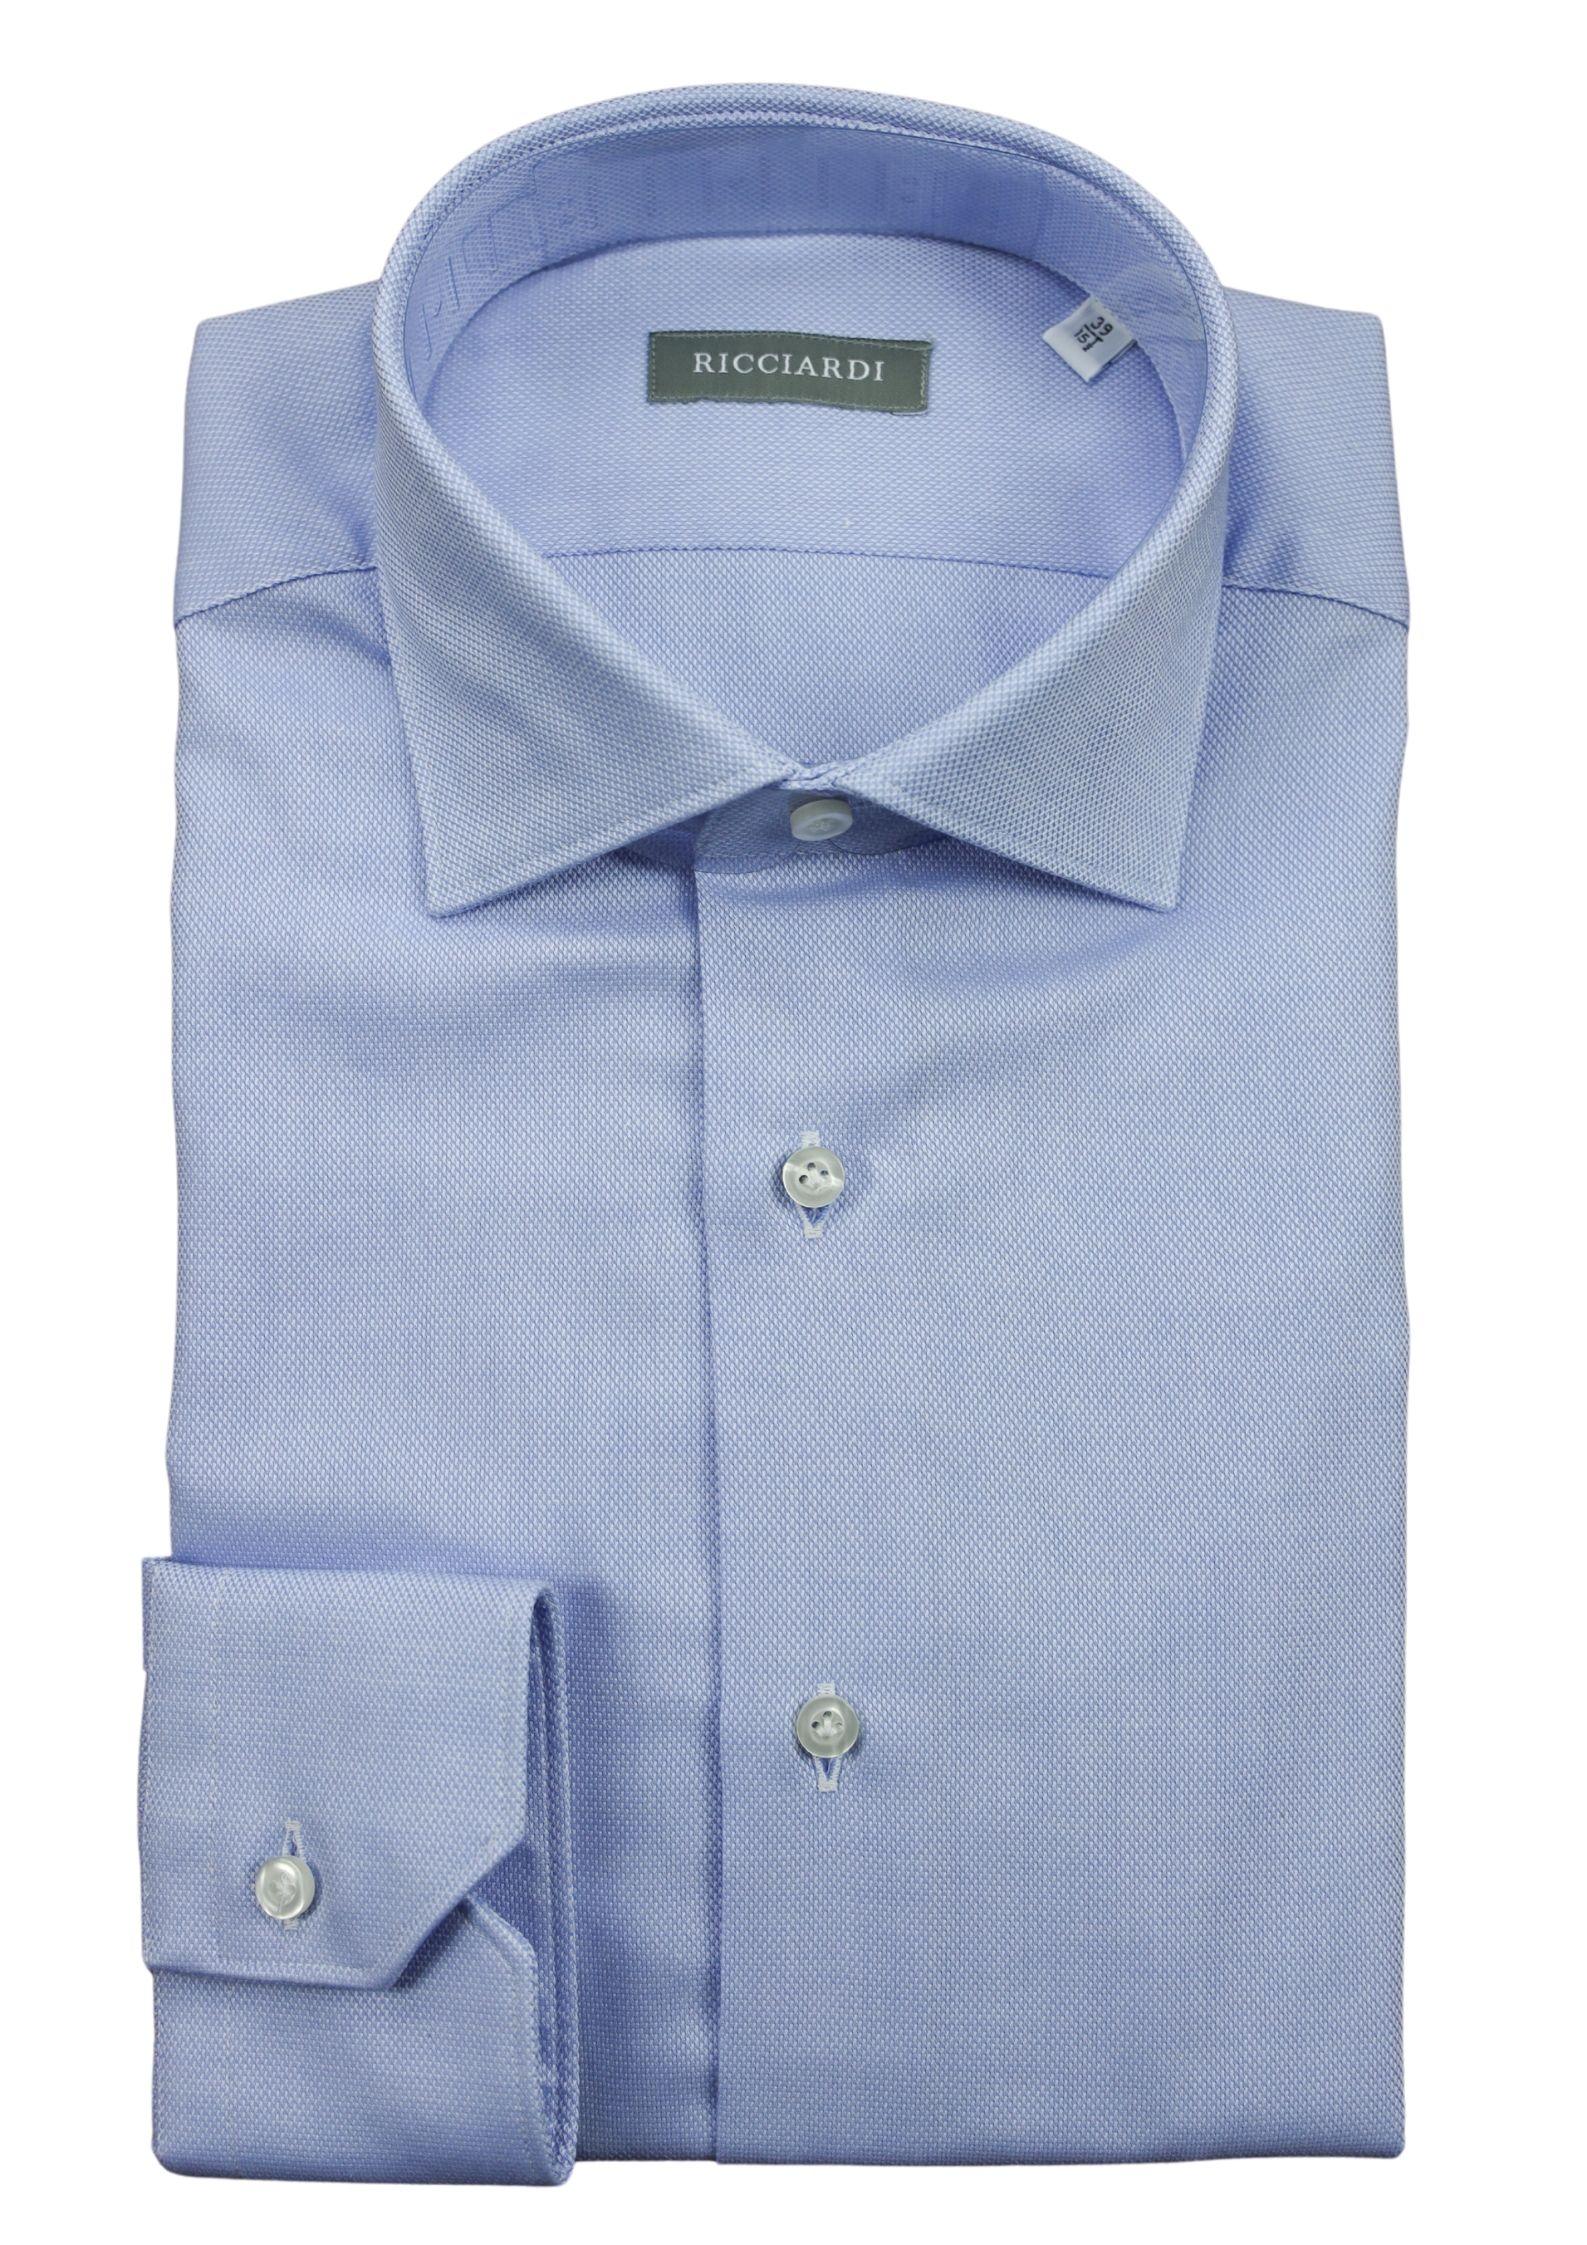 RICCIARDI | Shirts | GIO REG666 03